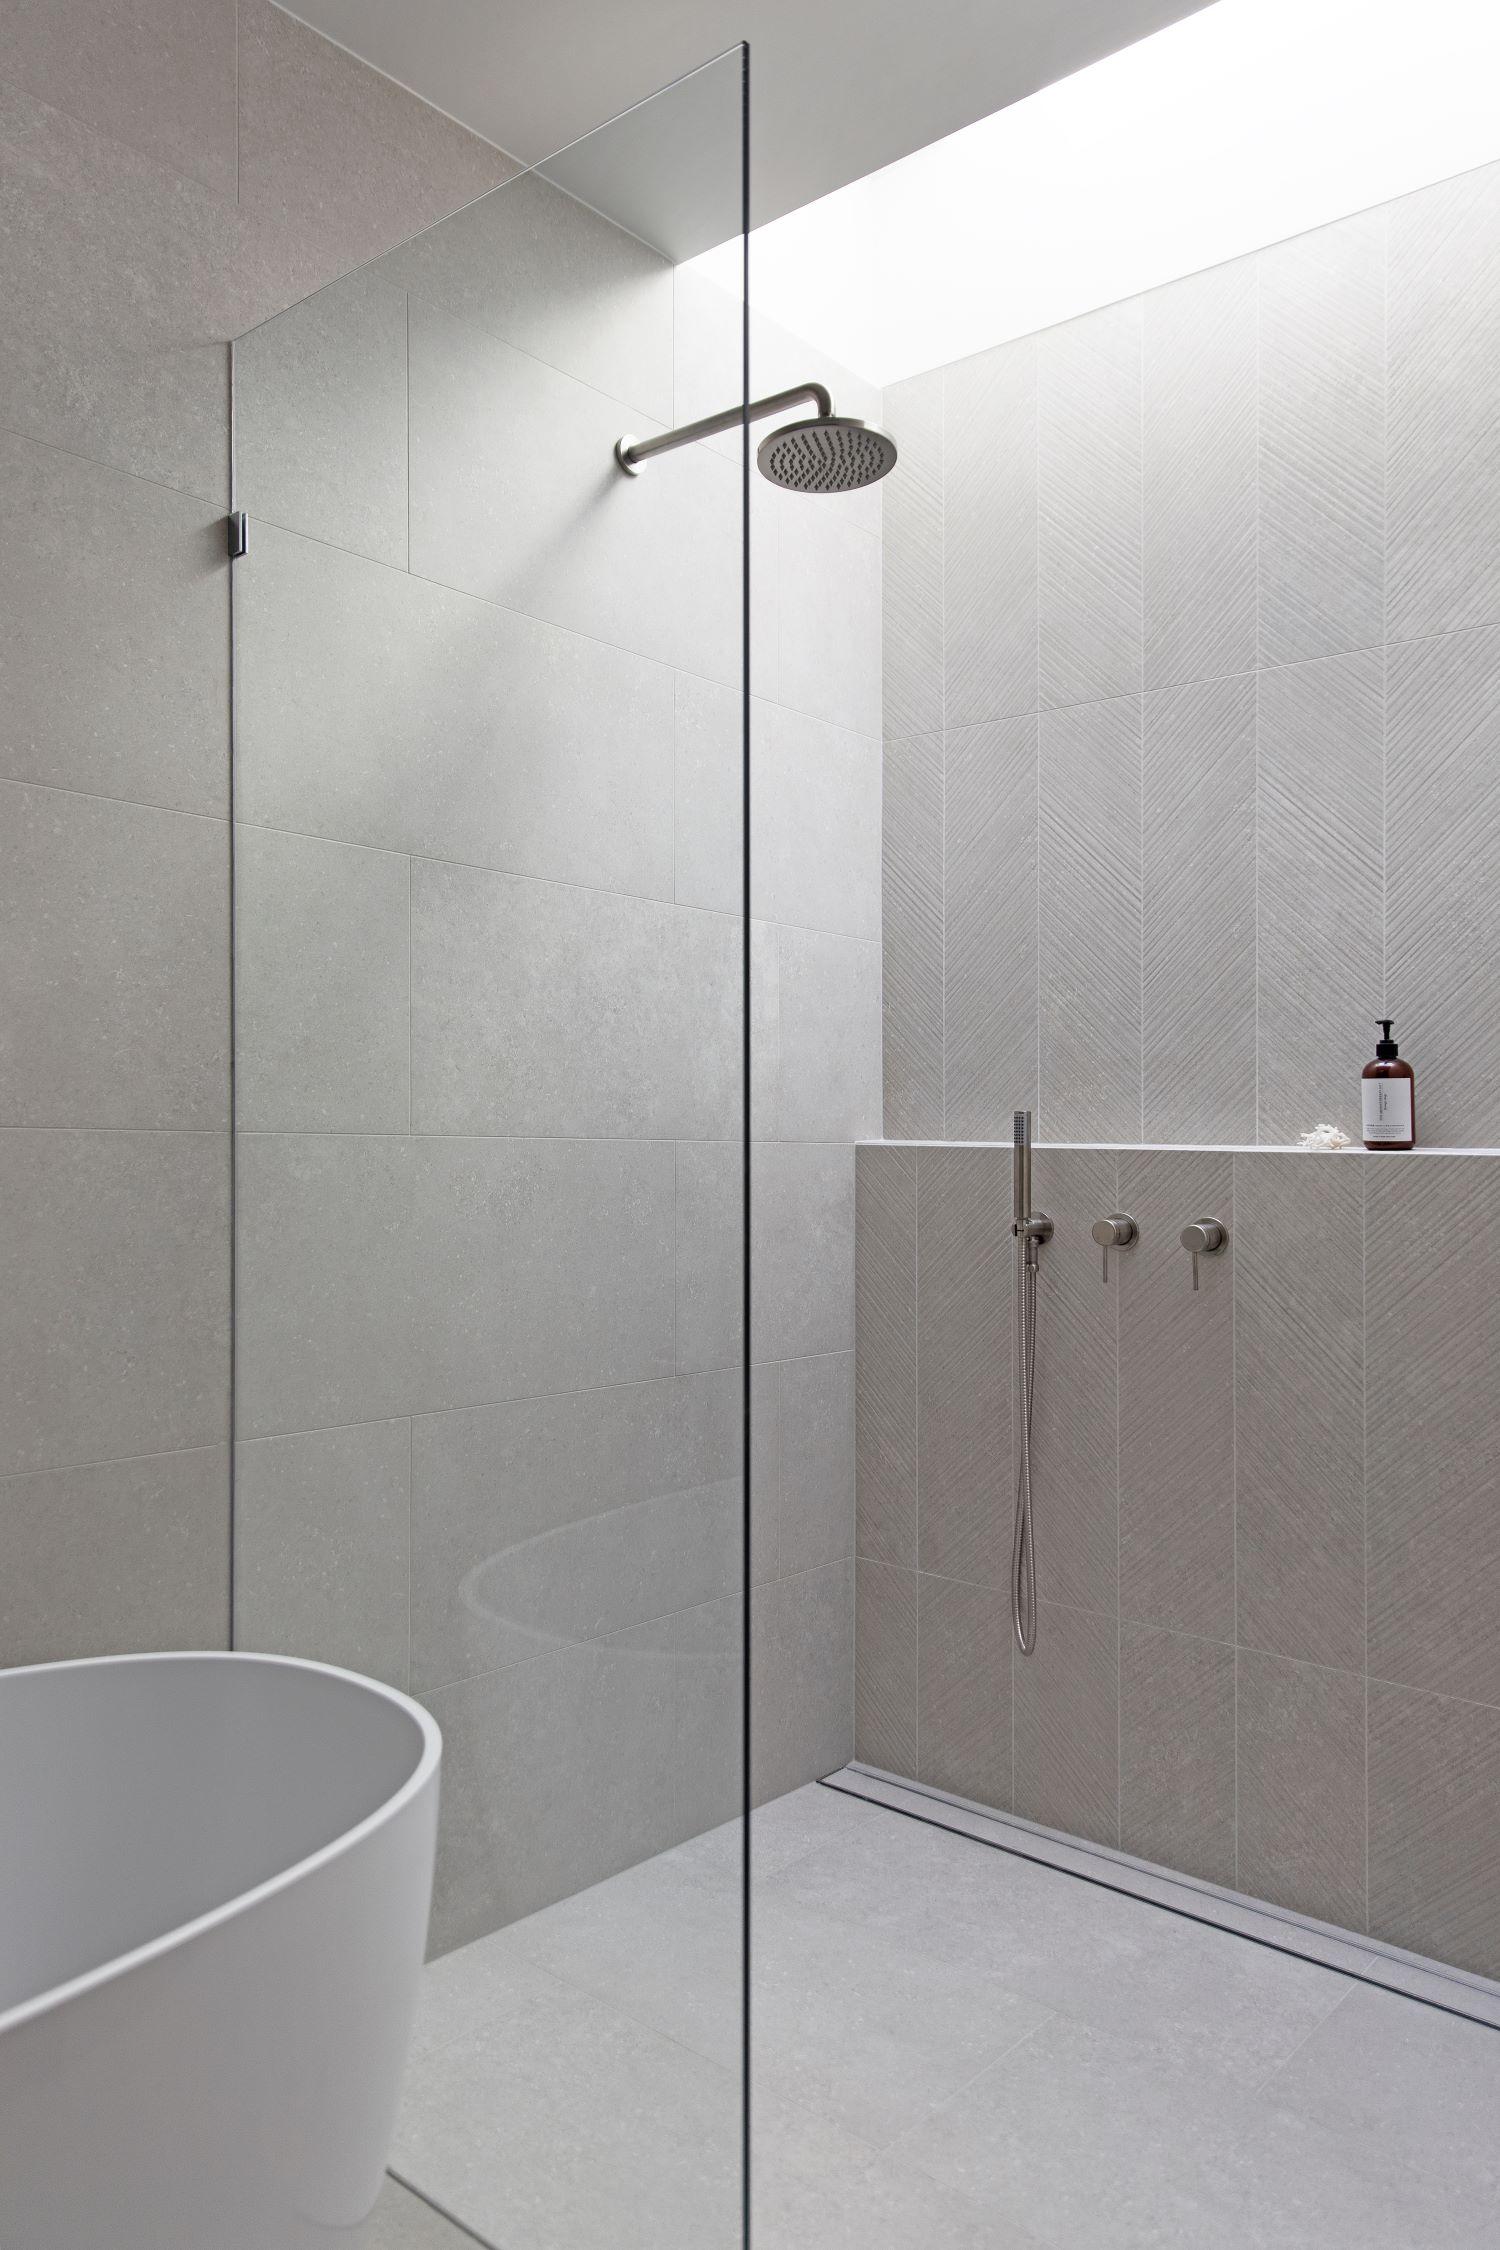 zephyr-stone-interior-design-influencers-scandi-bathroom-shower